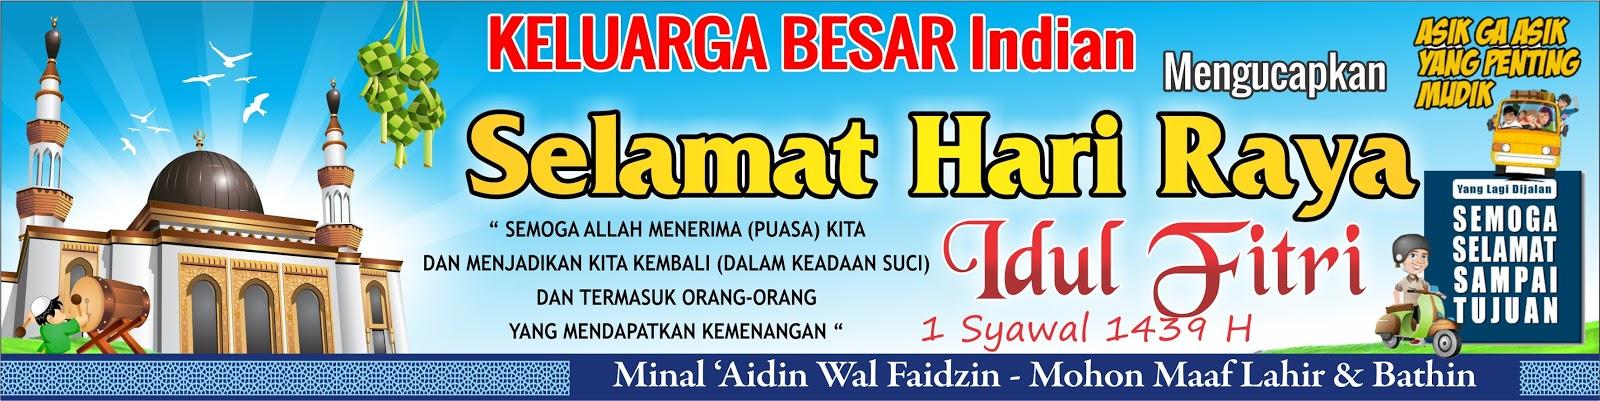 8 Contoh Spanduk Idul Fitri Terbaru 1439 H 2018 M Download